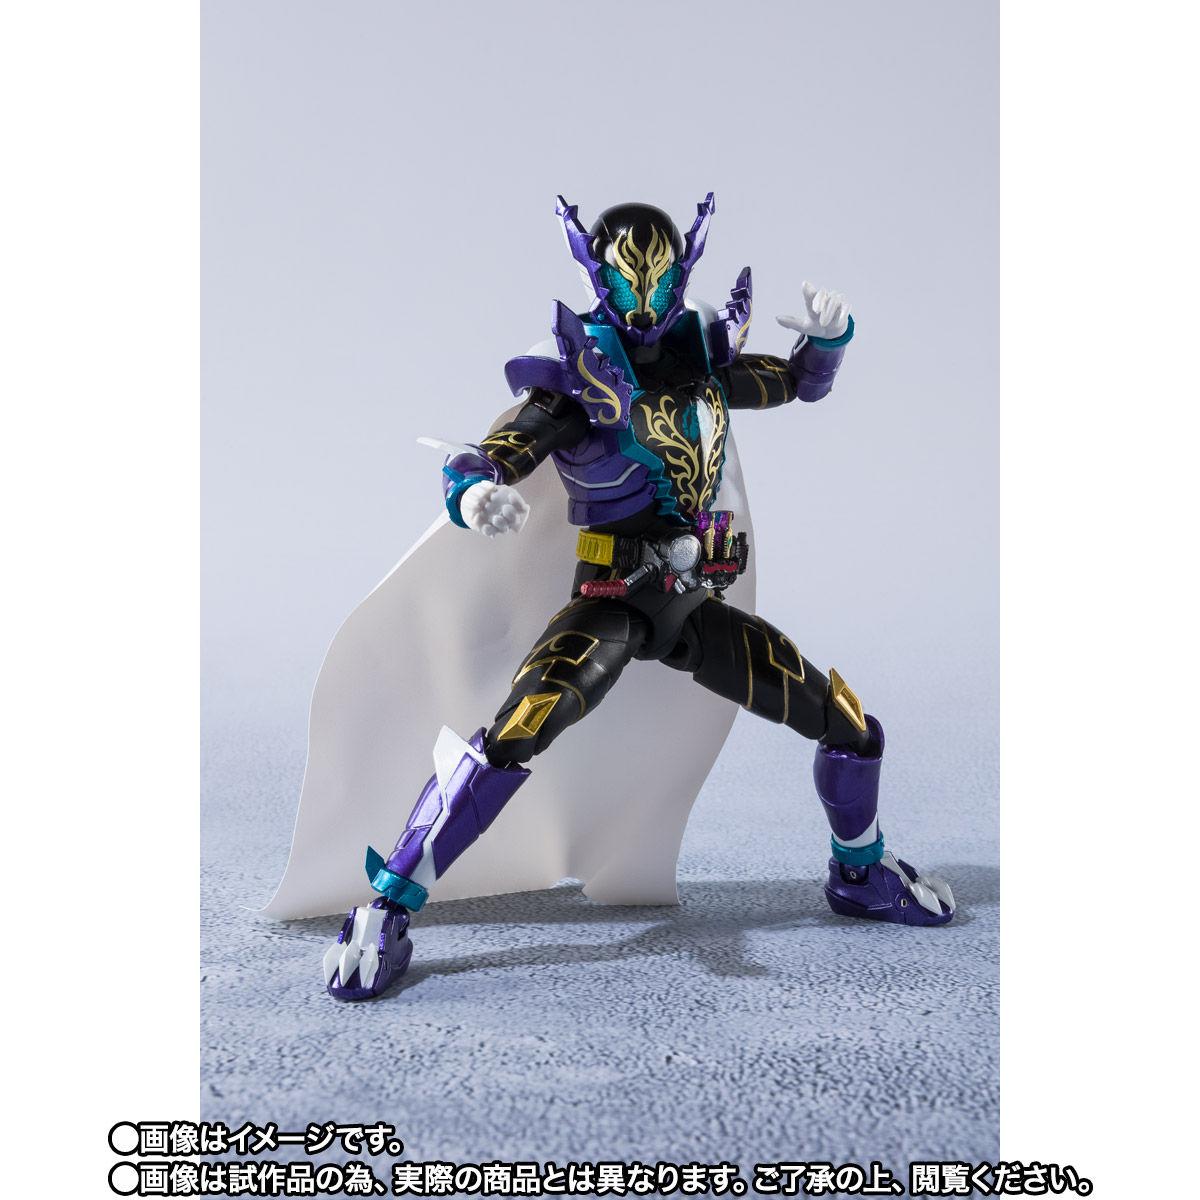 【限定販売】S.H.Figuarts『仮面ライダープライムローグ』可動フィギュア-006